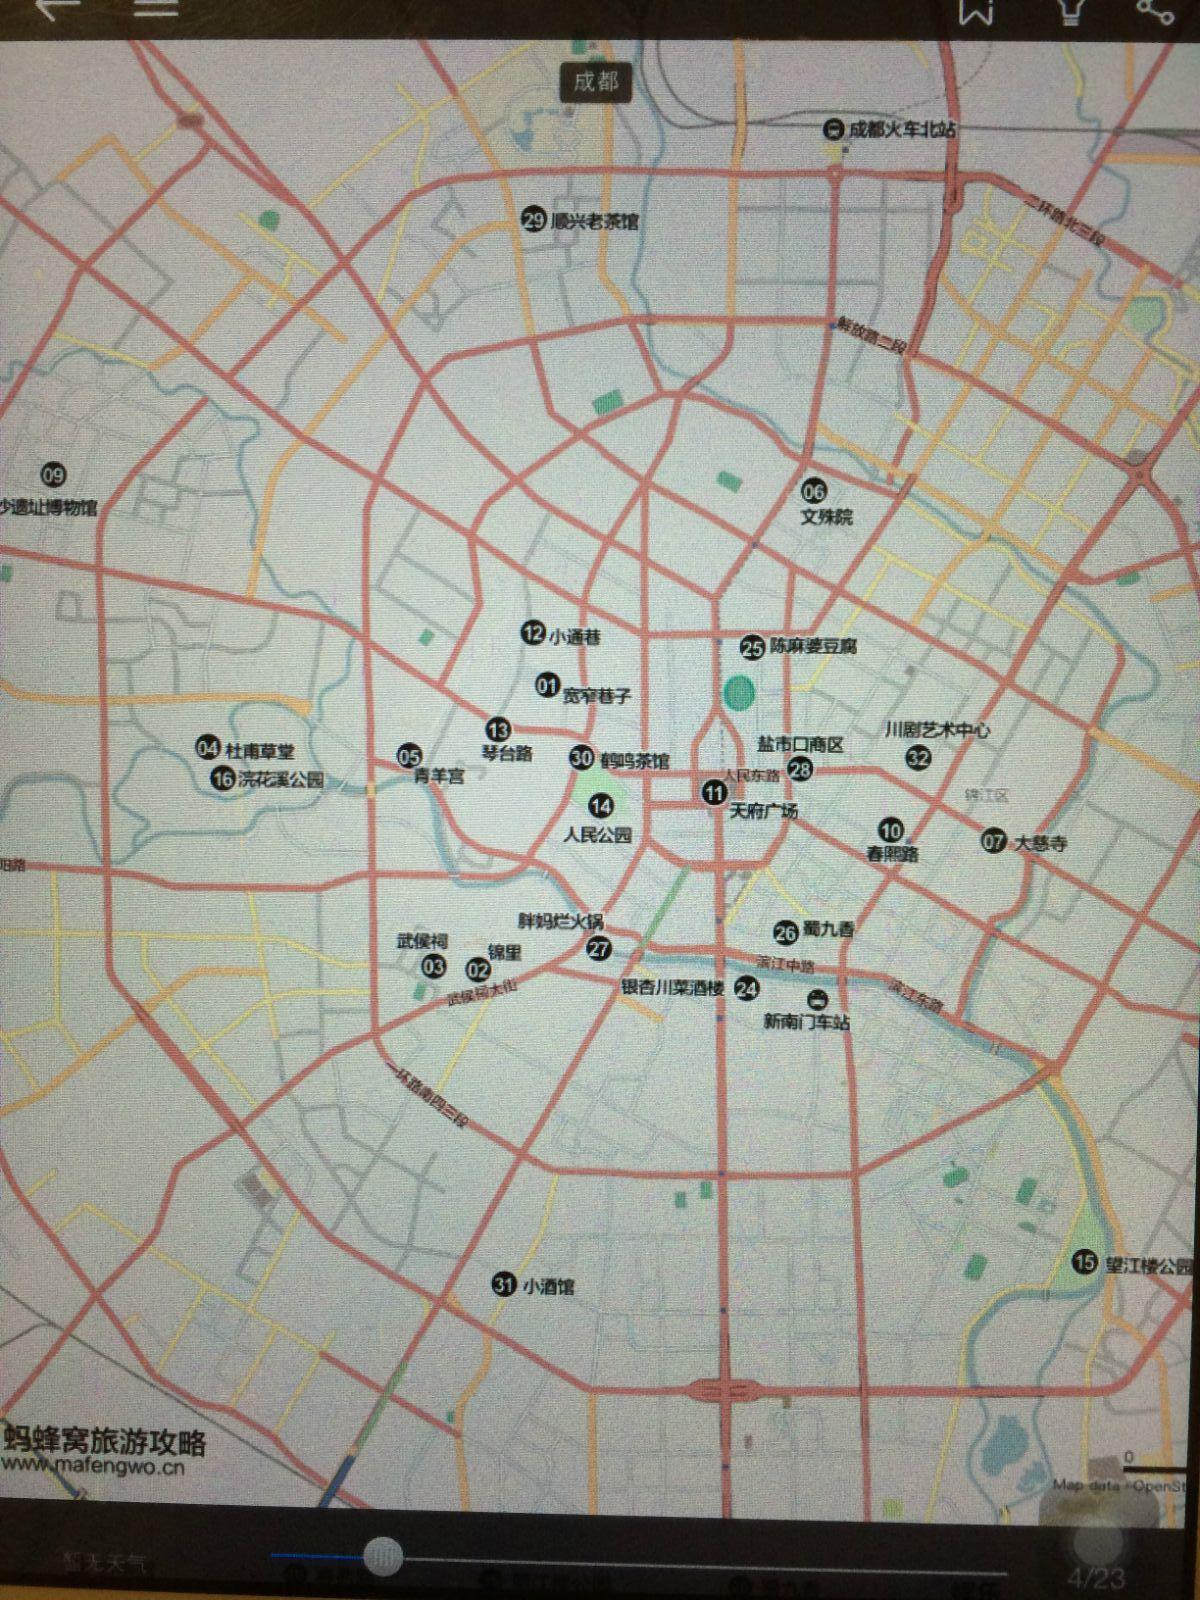 成都景点地图分布图